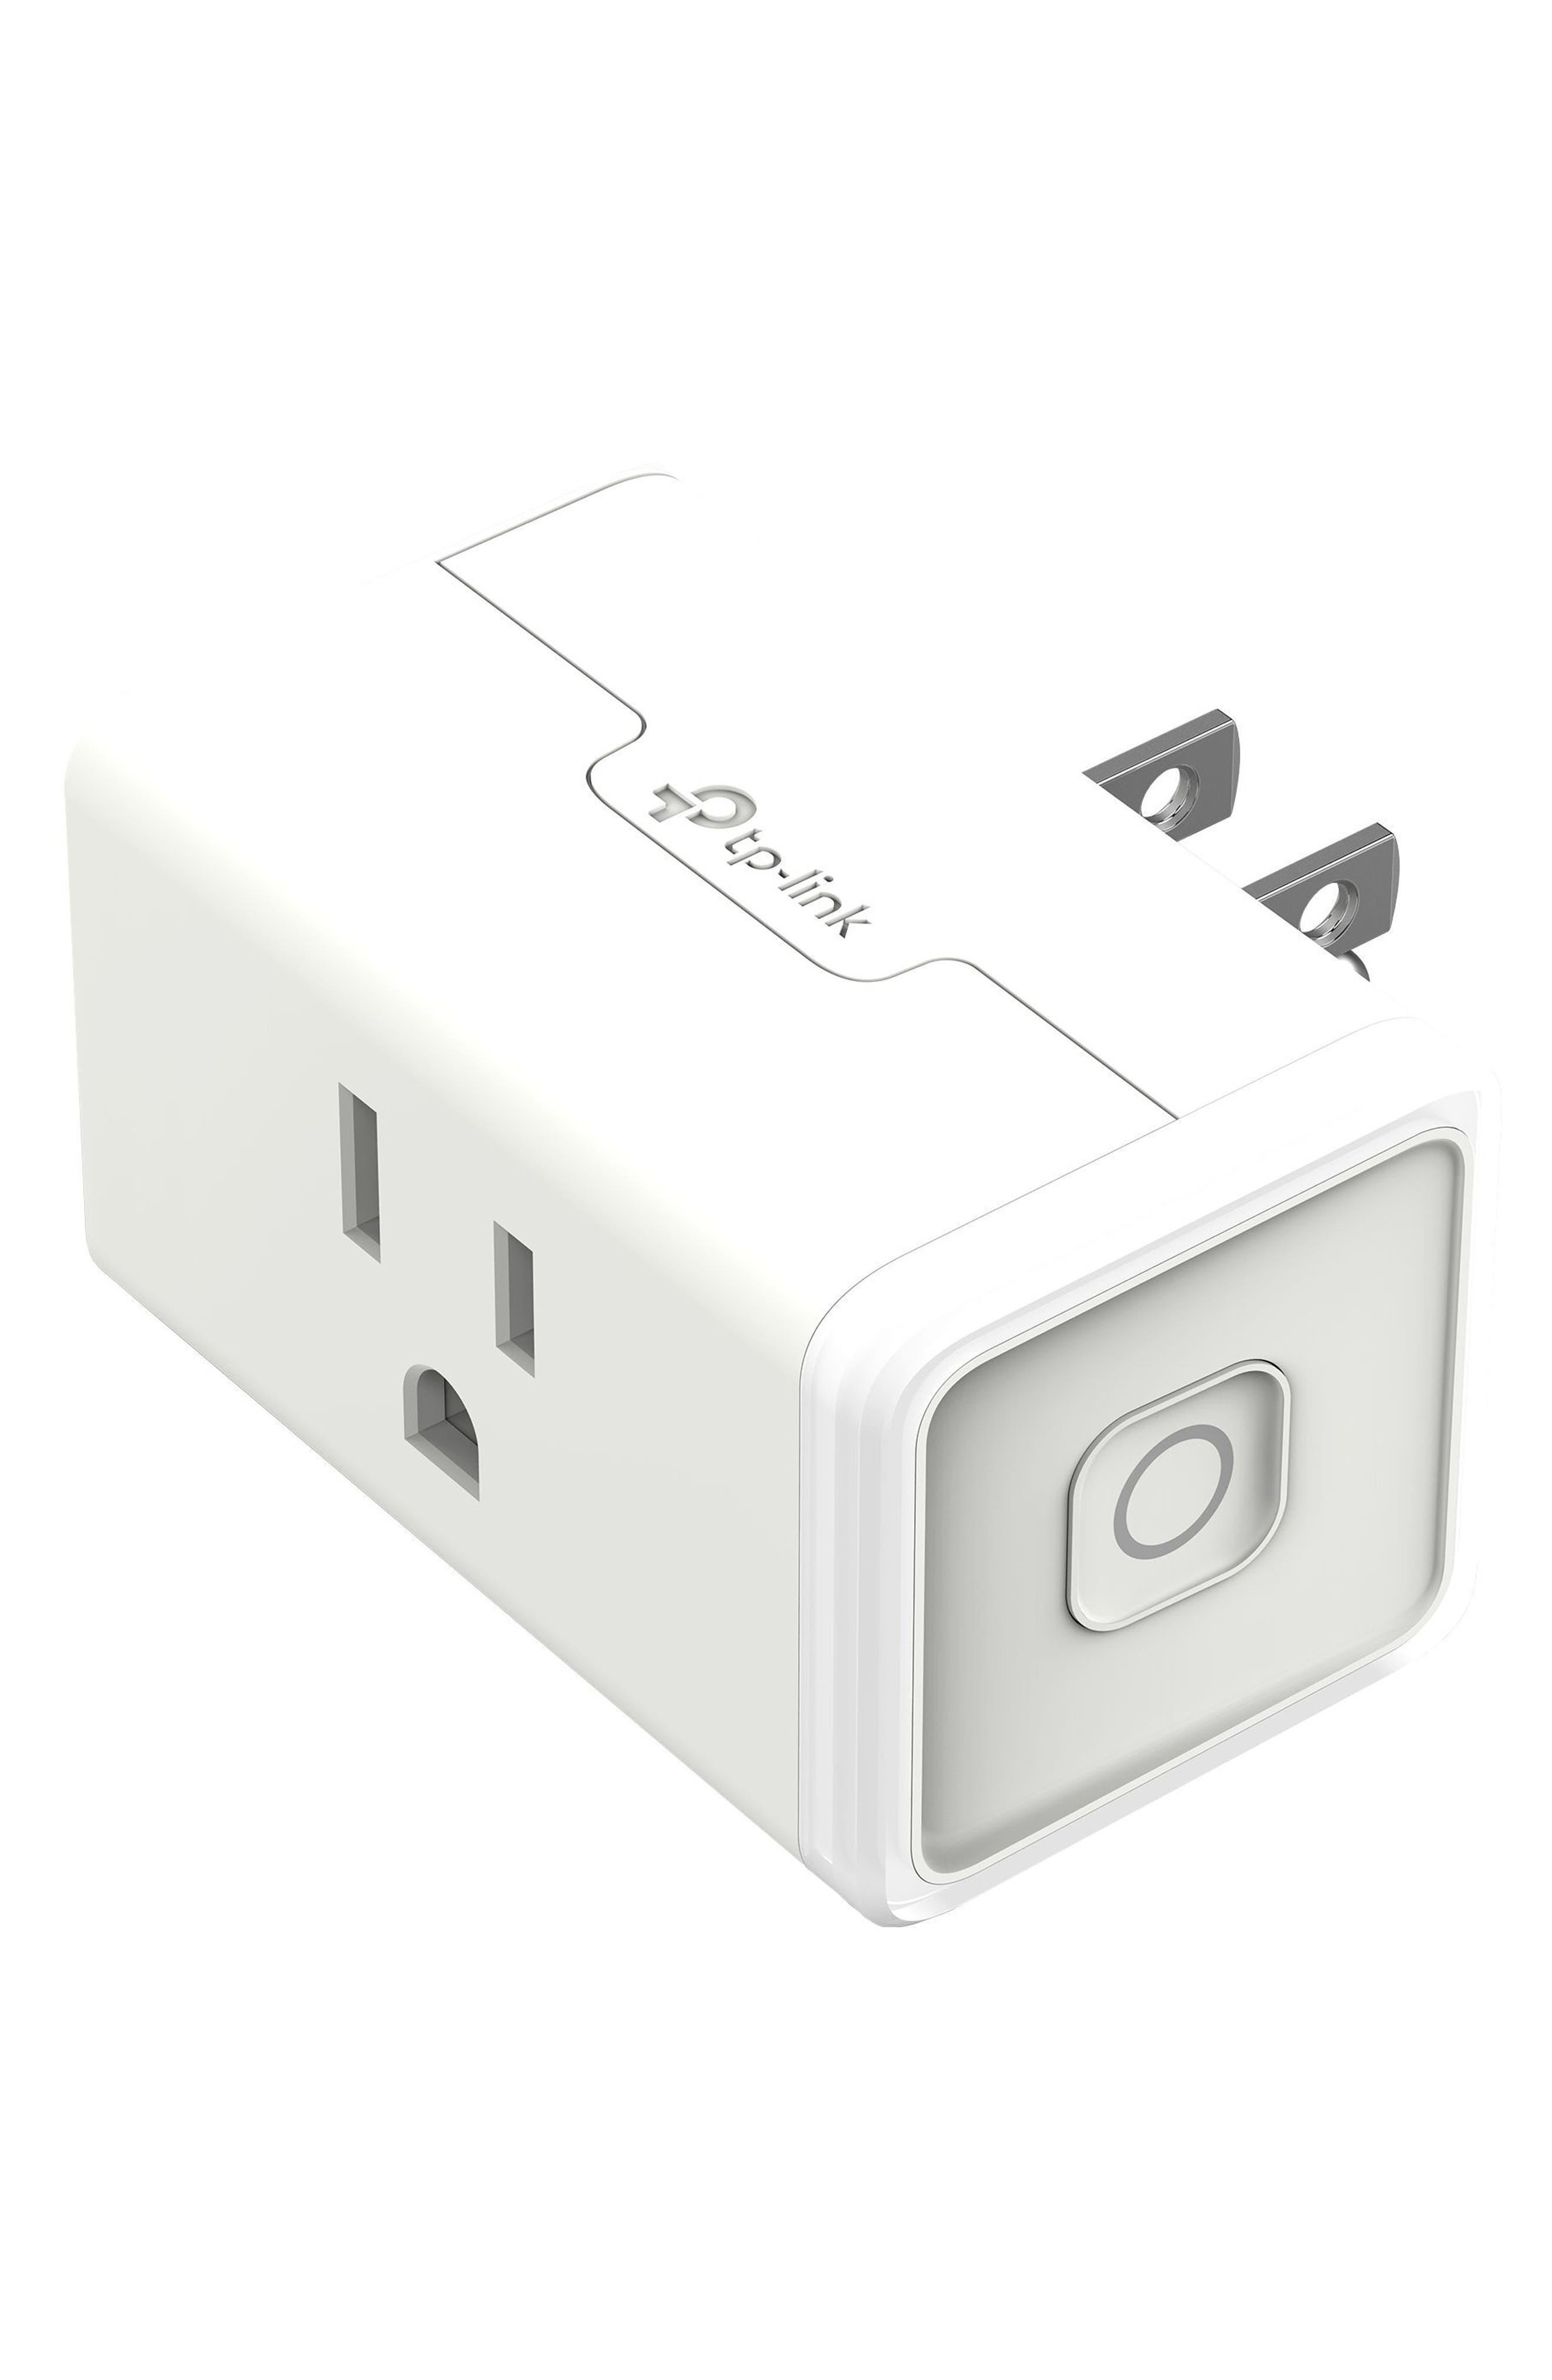 Smart Wi-Fi Mini Plug,                             Main thumbnail 1, color,                             WHITE